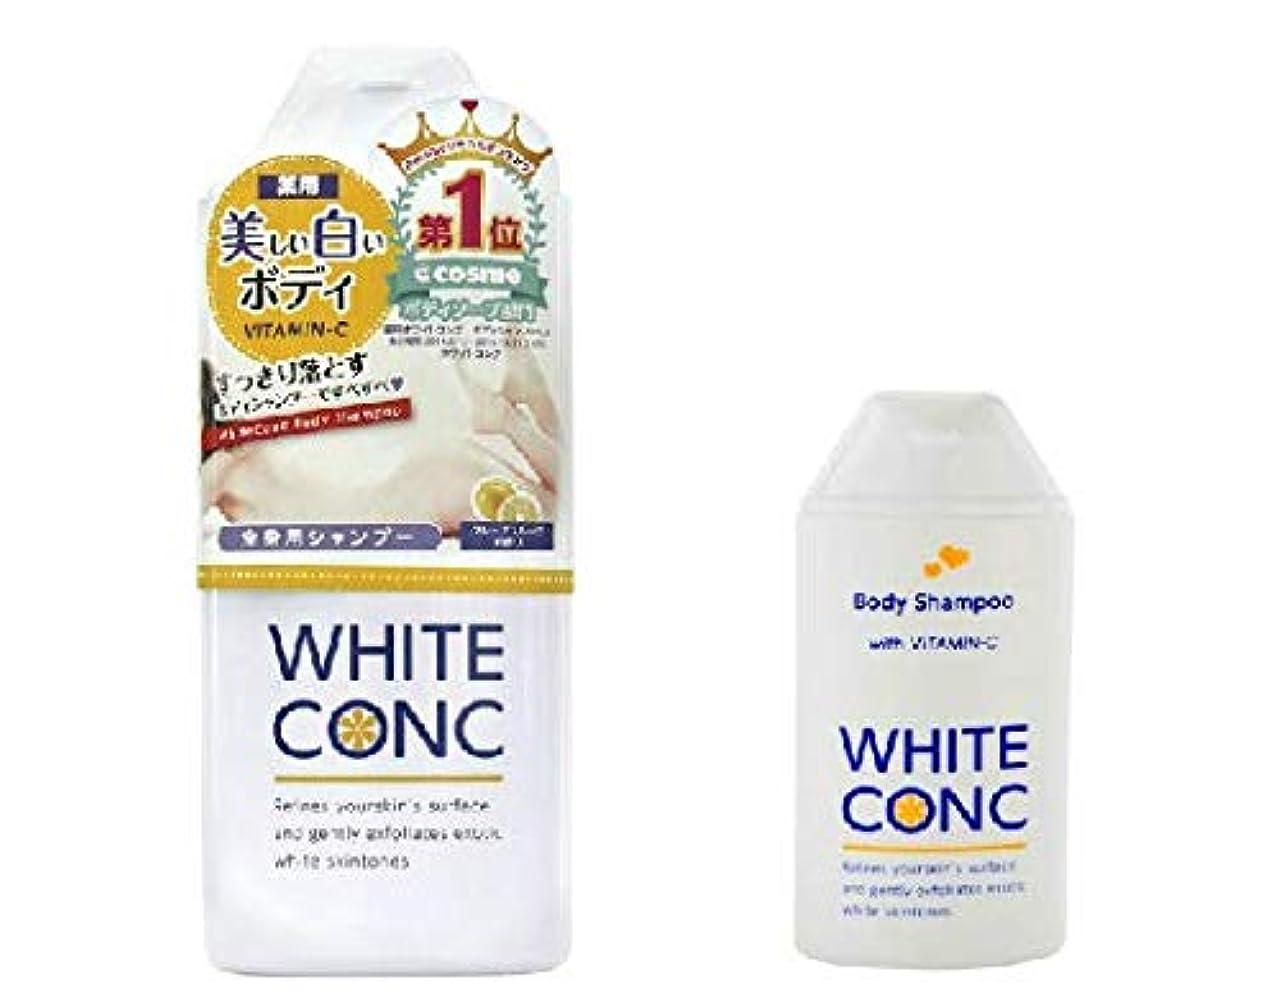 先見の明満足願う【WHITE CONC(ホワイトコンク)】 ボディシャンプーC Ⅱ_360mL1本&150mL1本